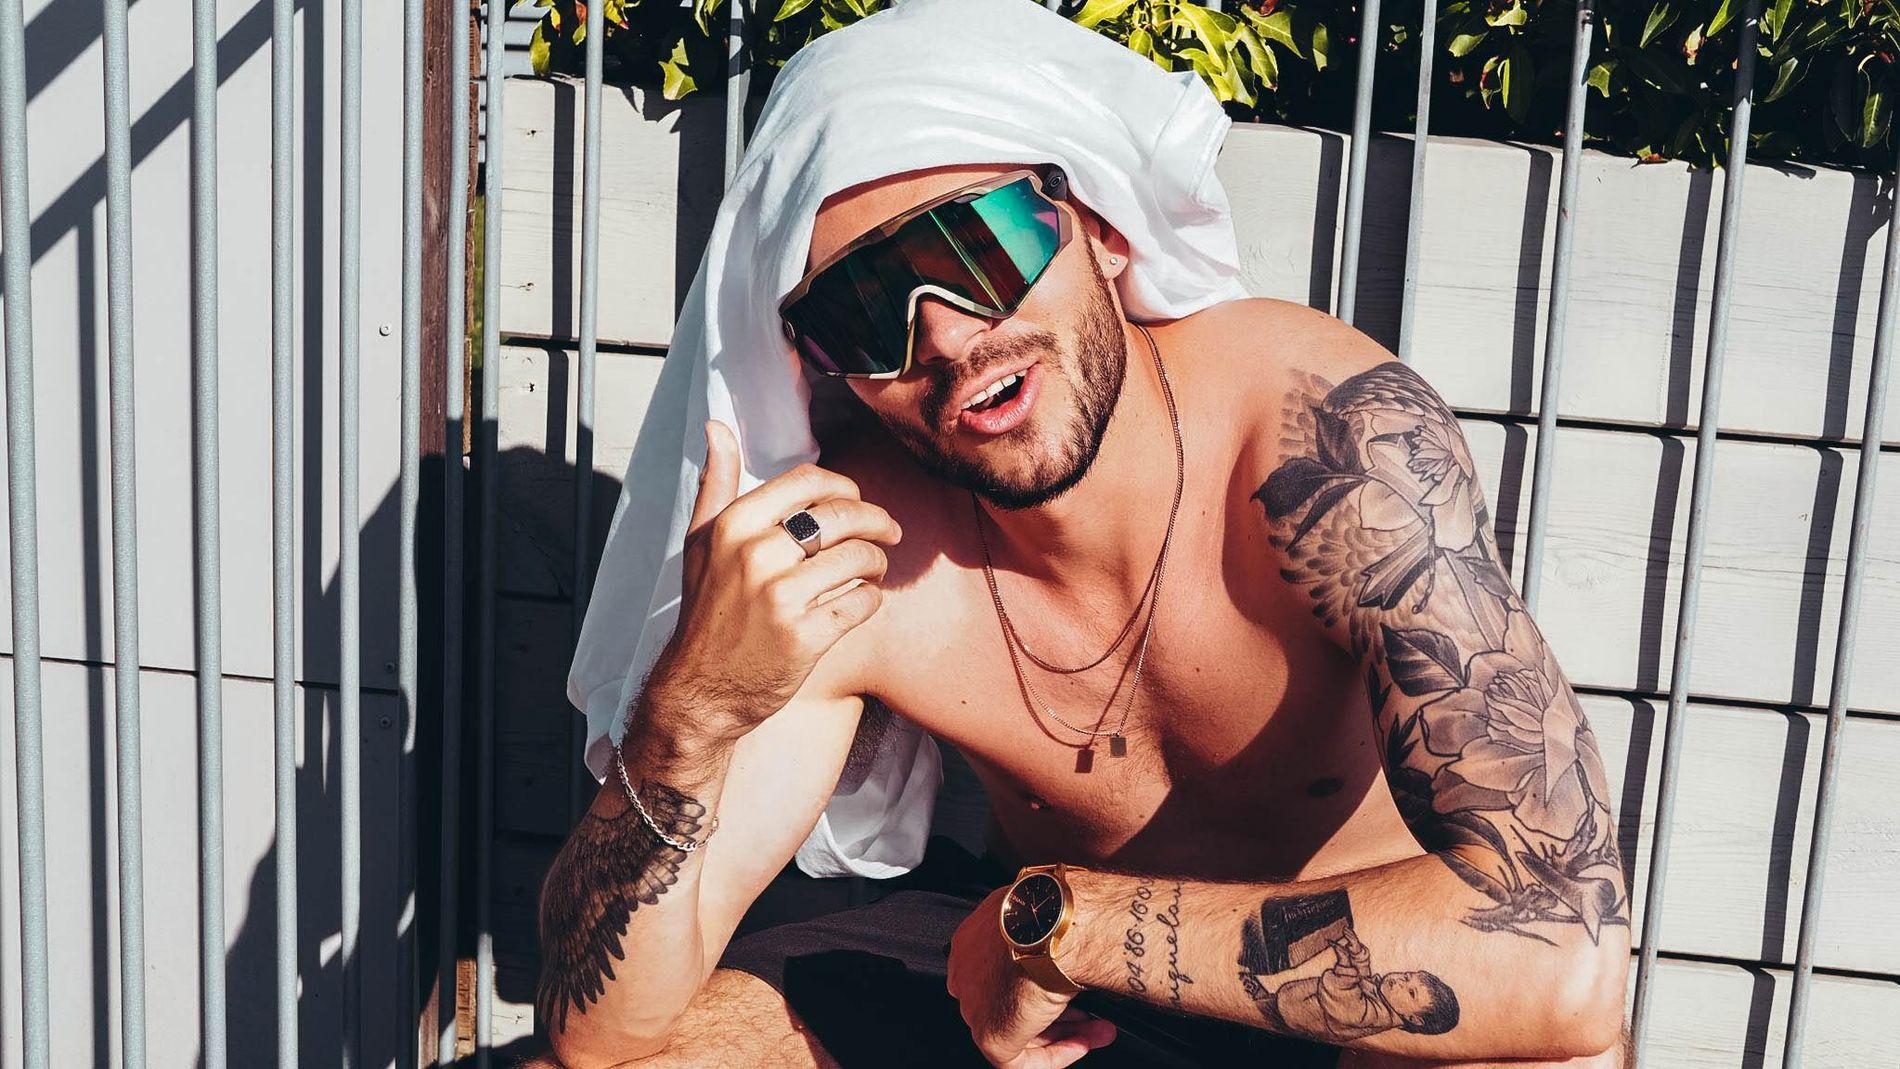 DEKKET ARMEN MED BLOMSTER: Chris Holsten sier at han nok kunne vært foruten deler av den heldekkende tatoveringen på overarmen.